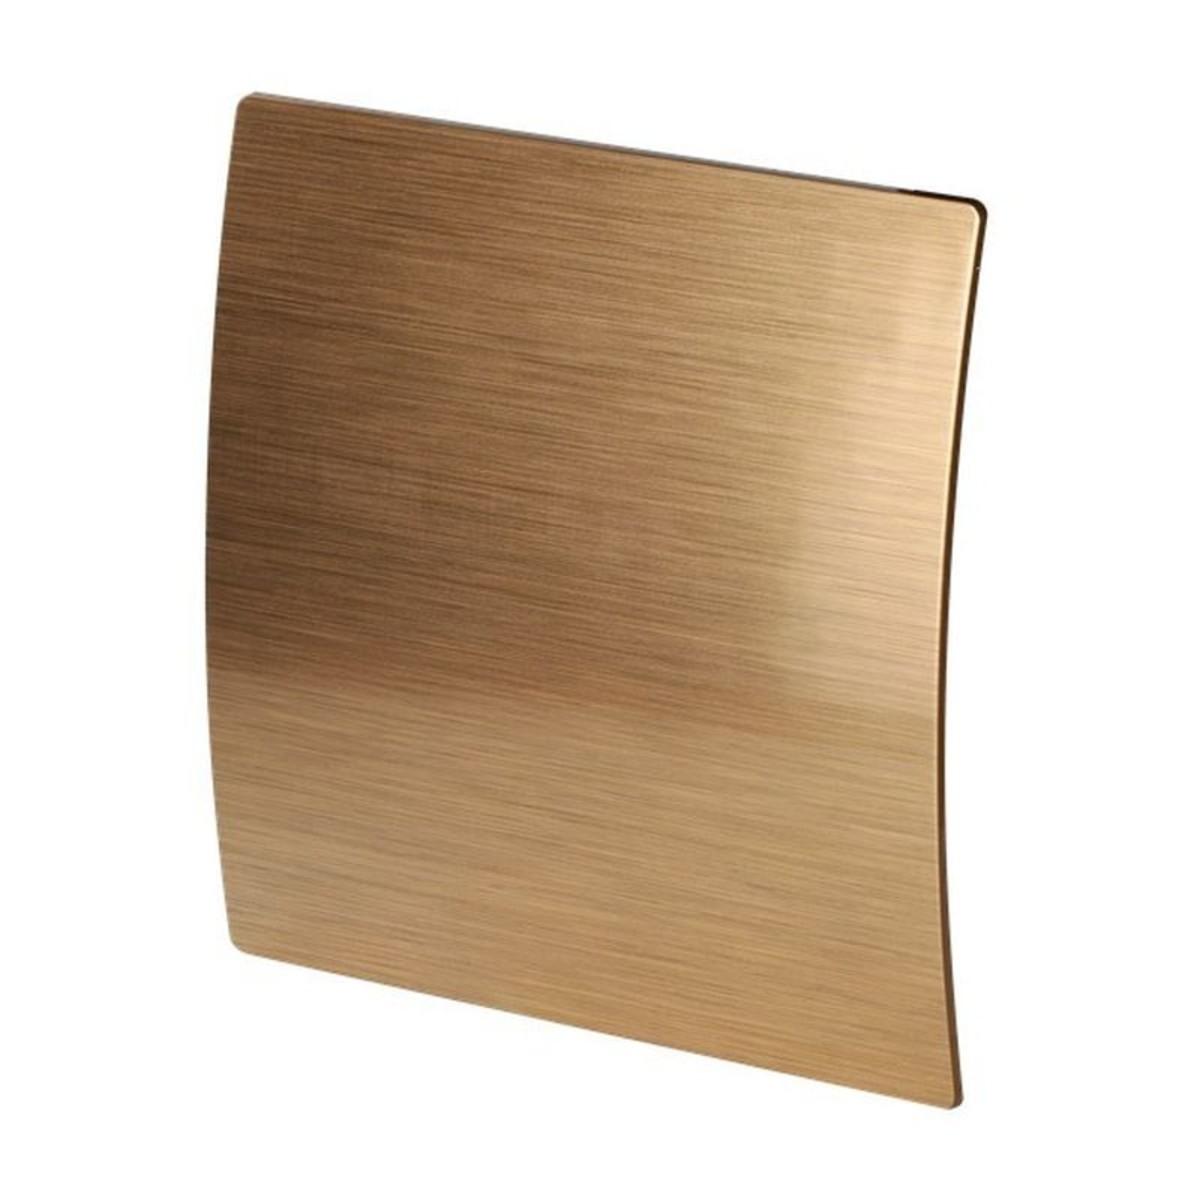 Панель декоративная AWENTA PEZ125 д/вент. KW золотистый